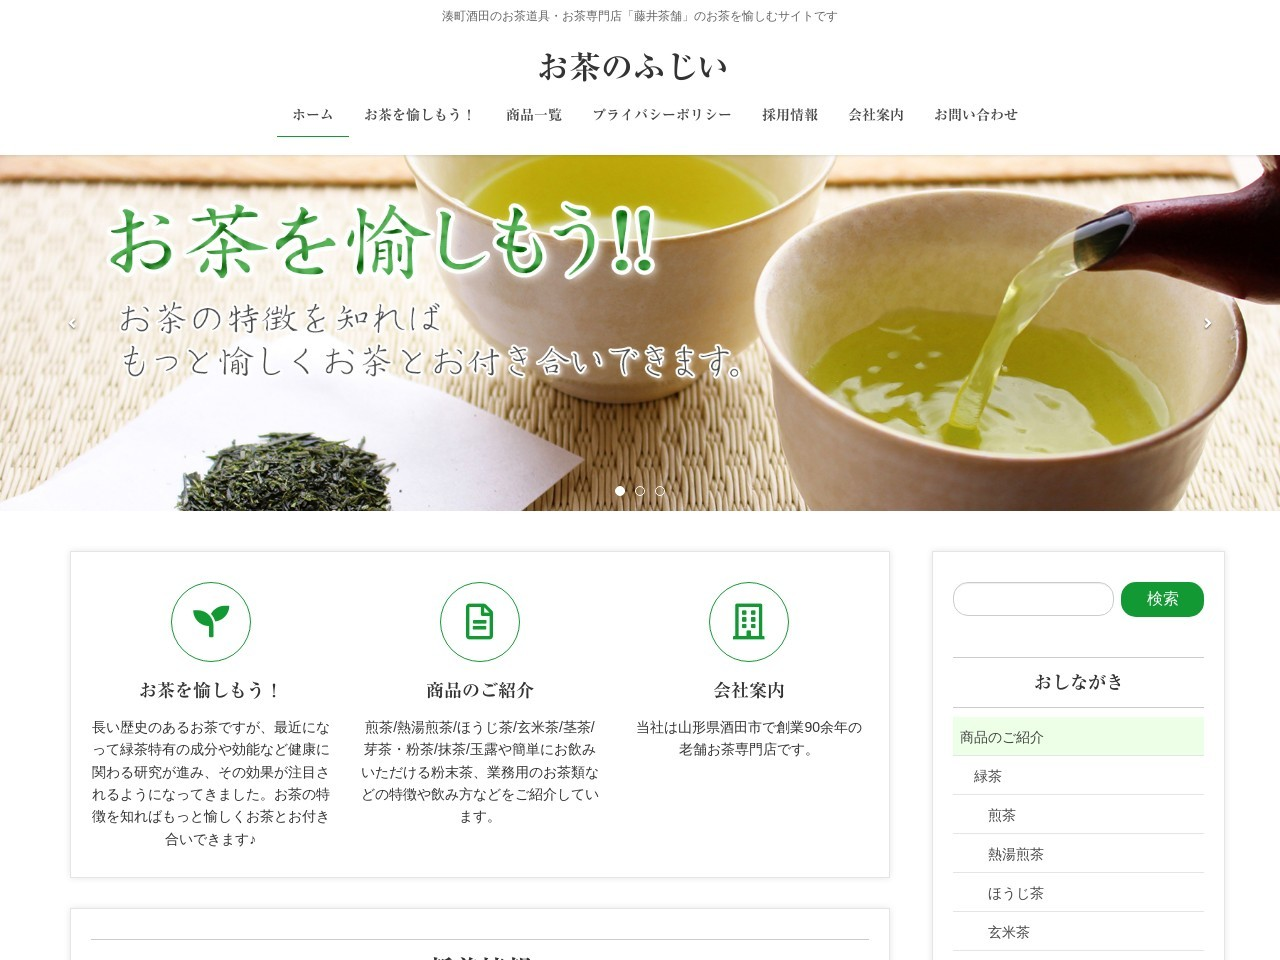 湊町酒田のお茶道具・お茶専門店「藤井茶舗」のお茶を愉しむサイトです